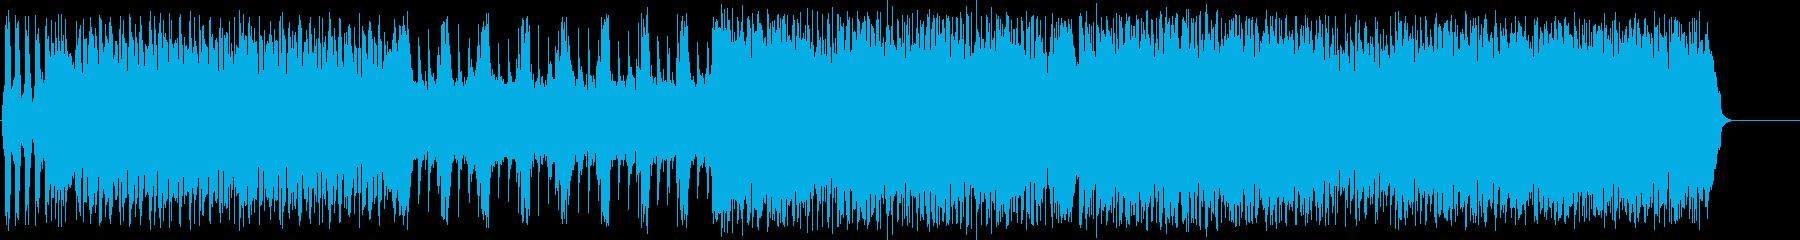 ギターフレーズが炸裂するハード&ヘヴィーの再生済みの波形